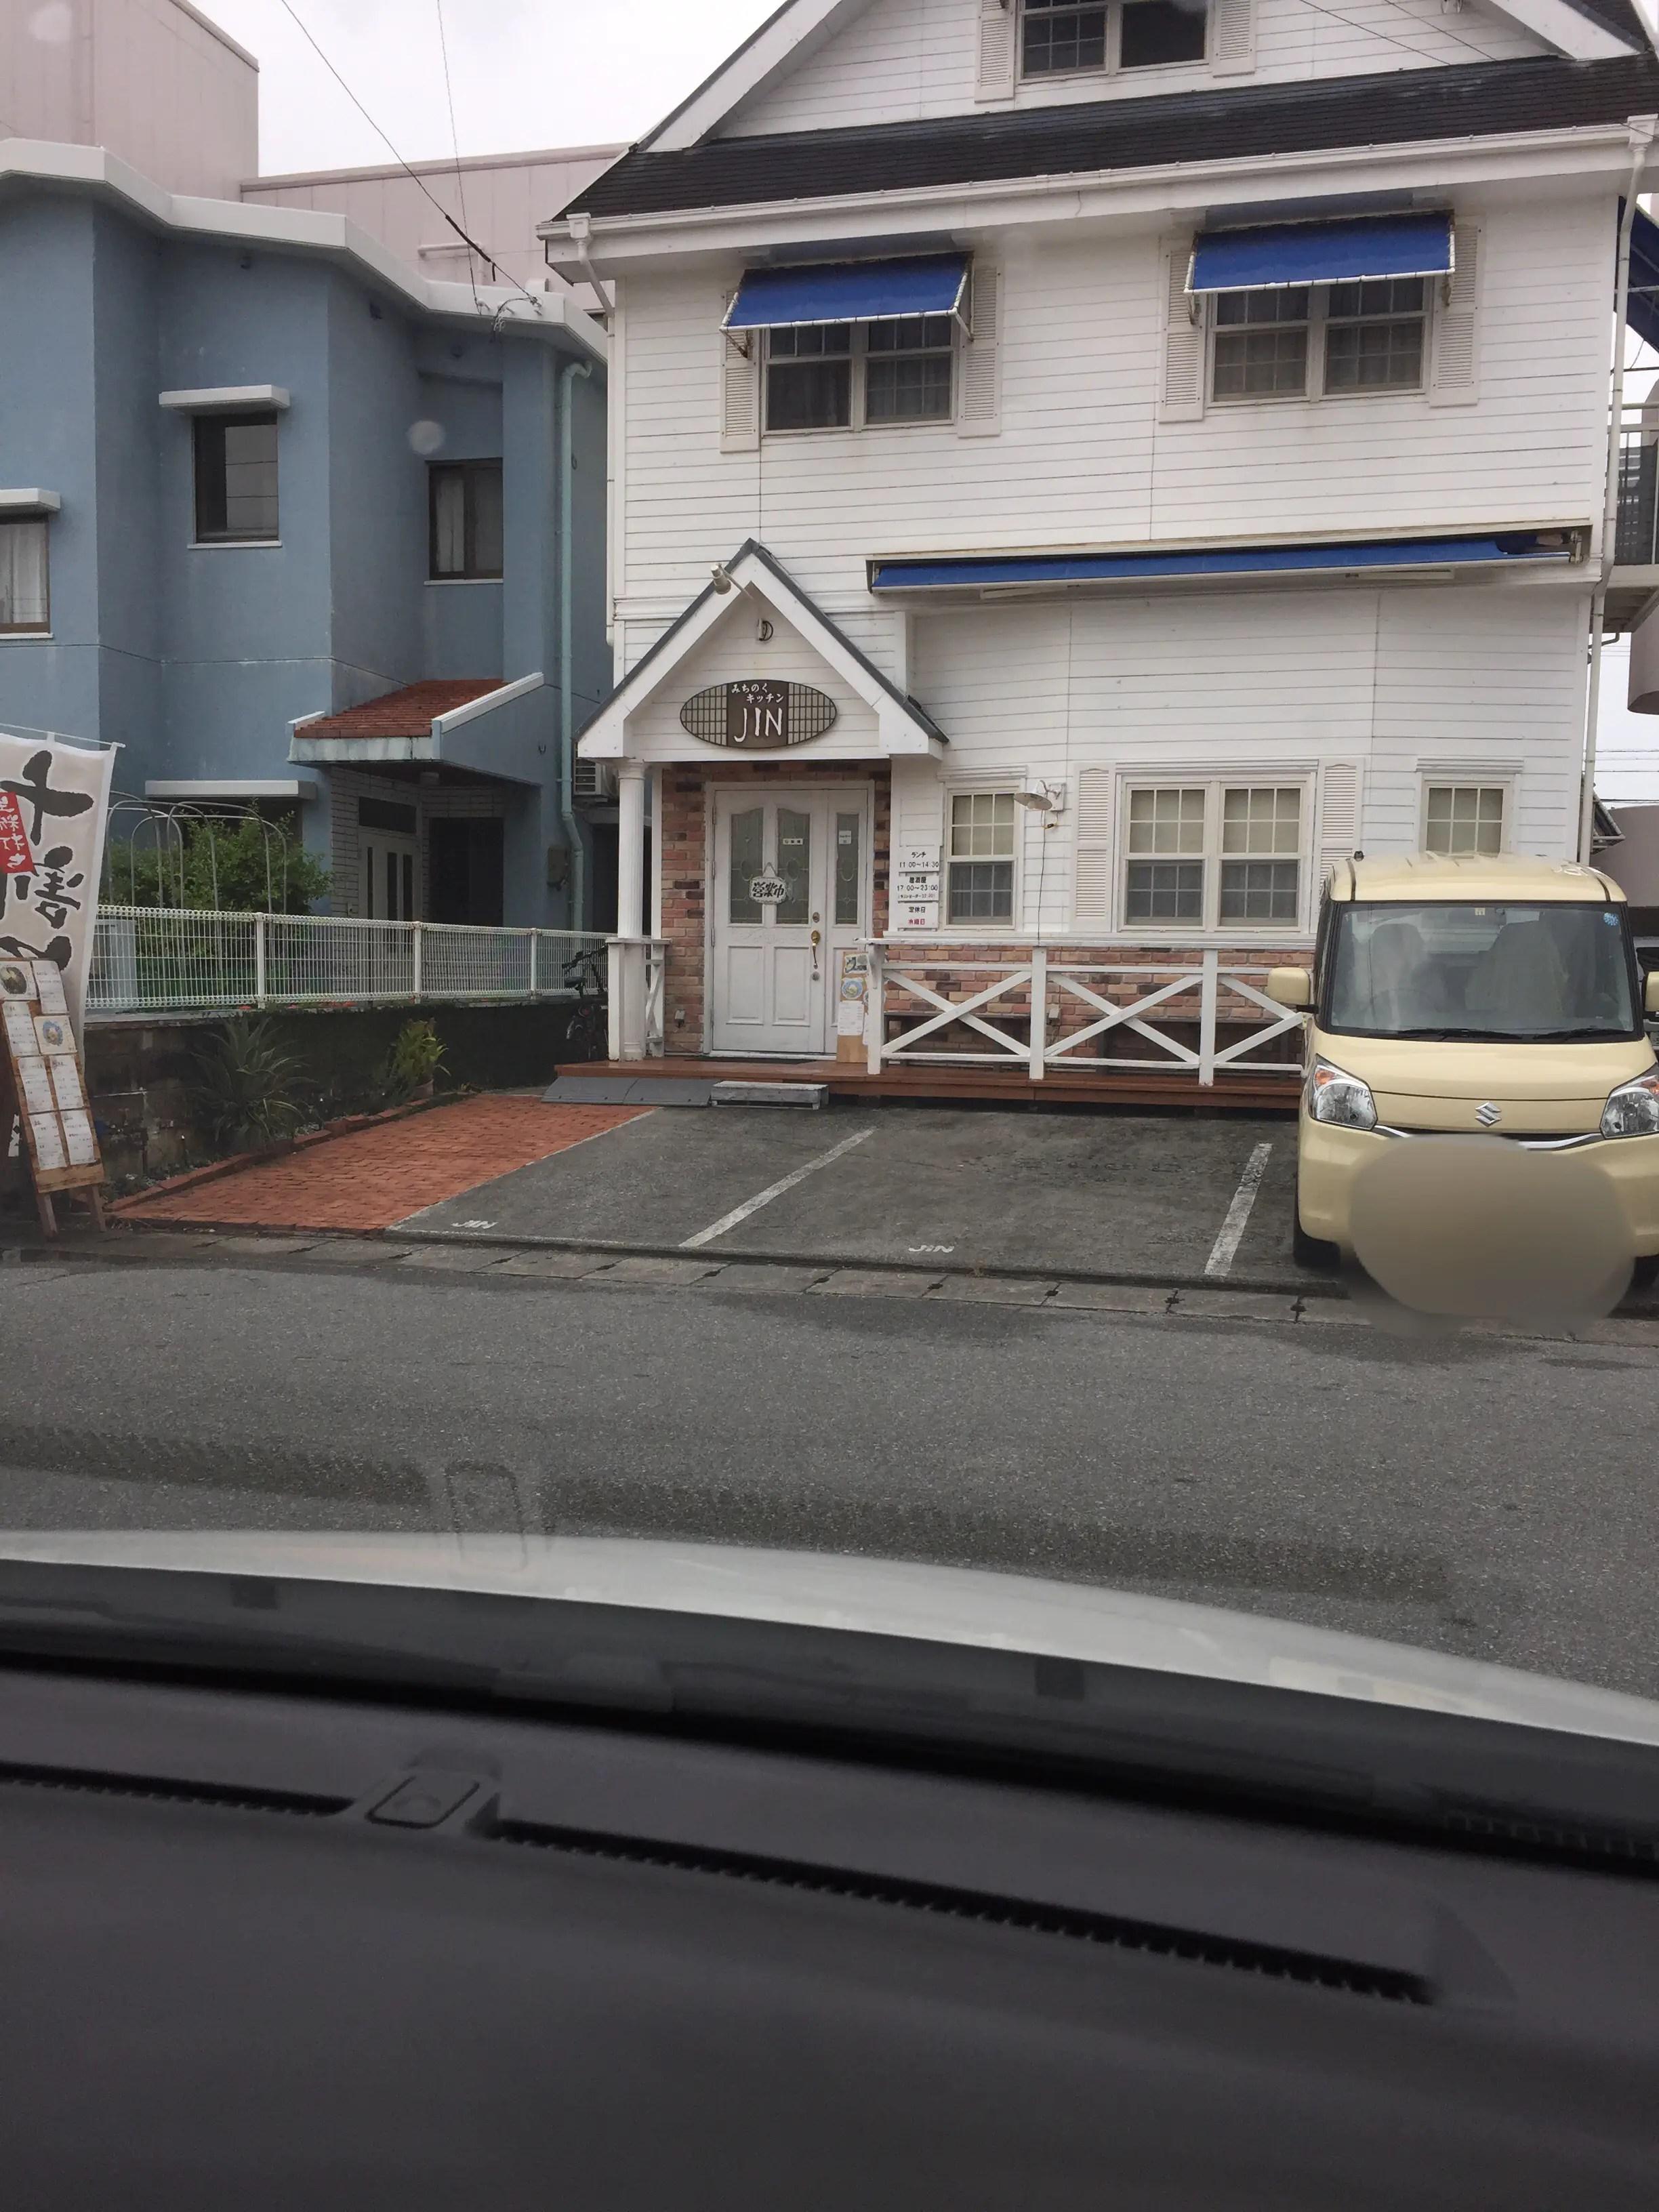 沖縄市で本格十割蕎麦。比屋根「みちのくキッチンJIN」で鴨つけざるそば食べてきました。